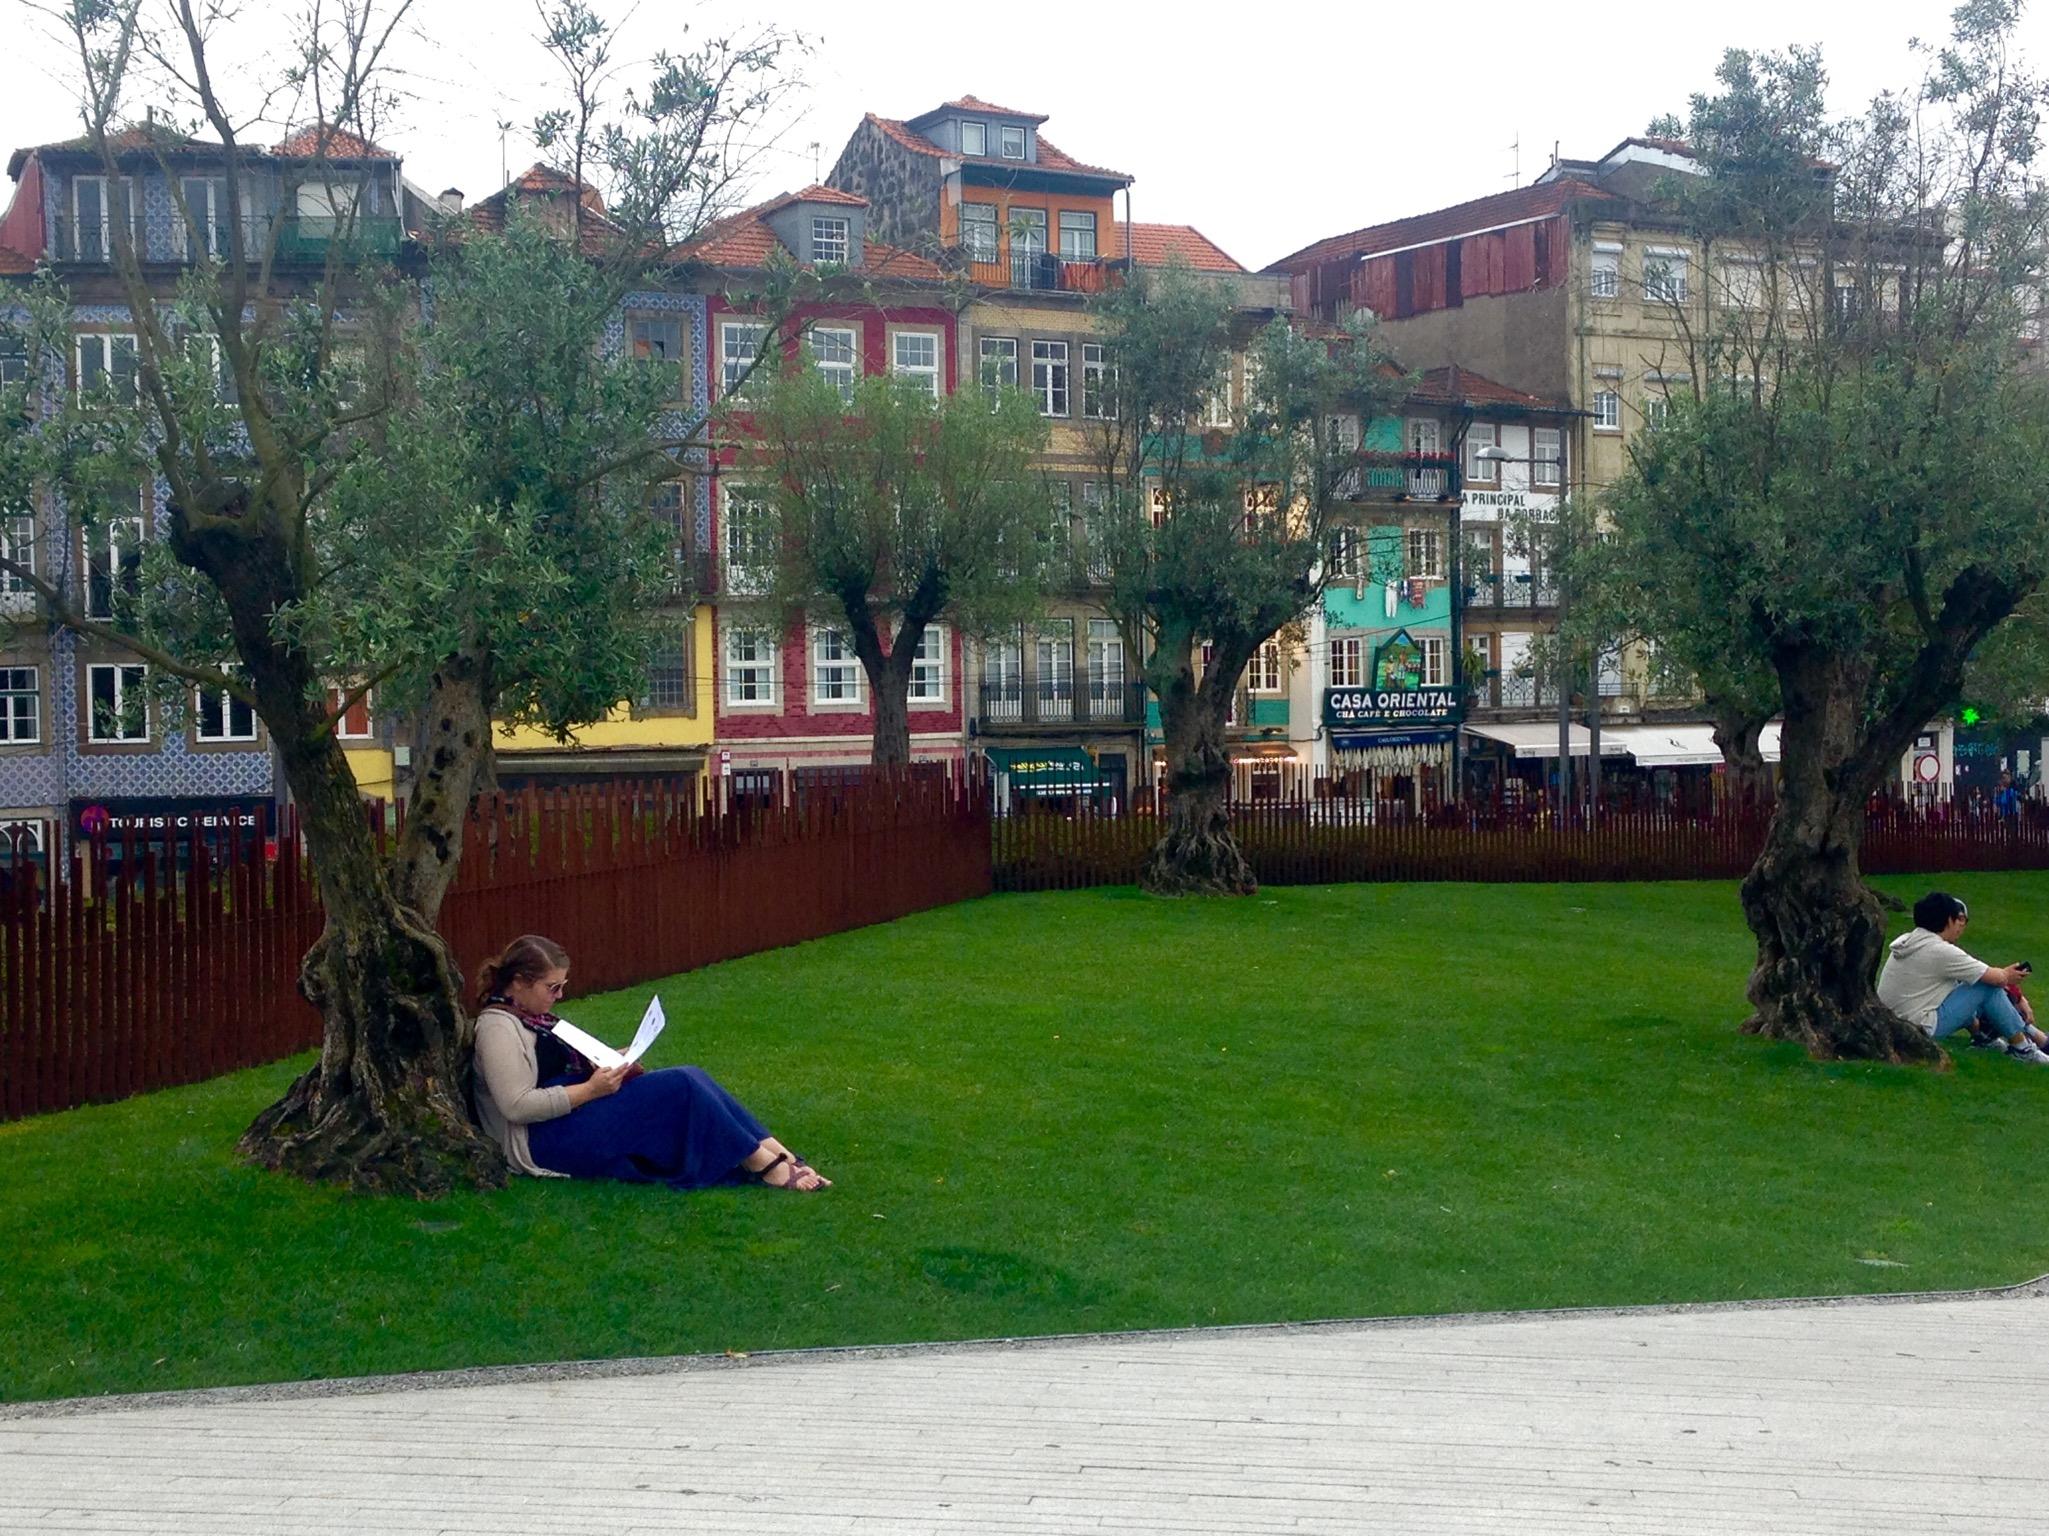 Alyssa reading outside Liveria Lello